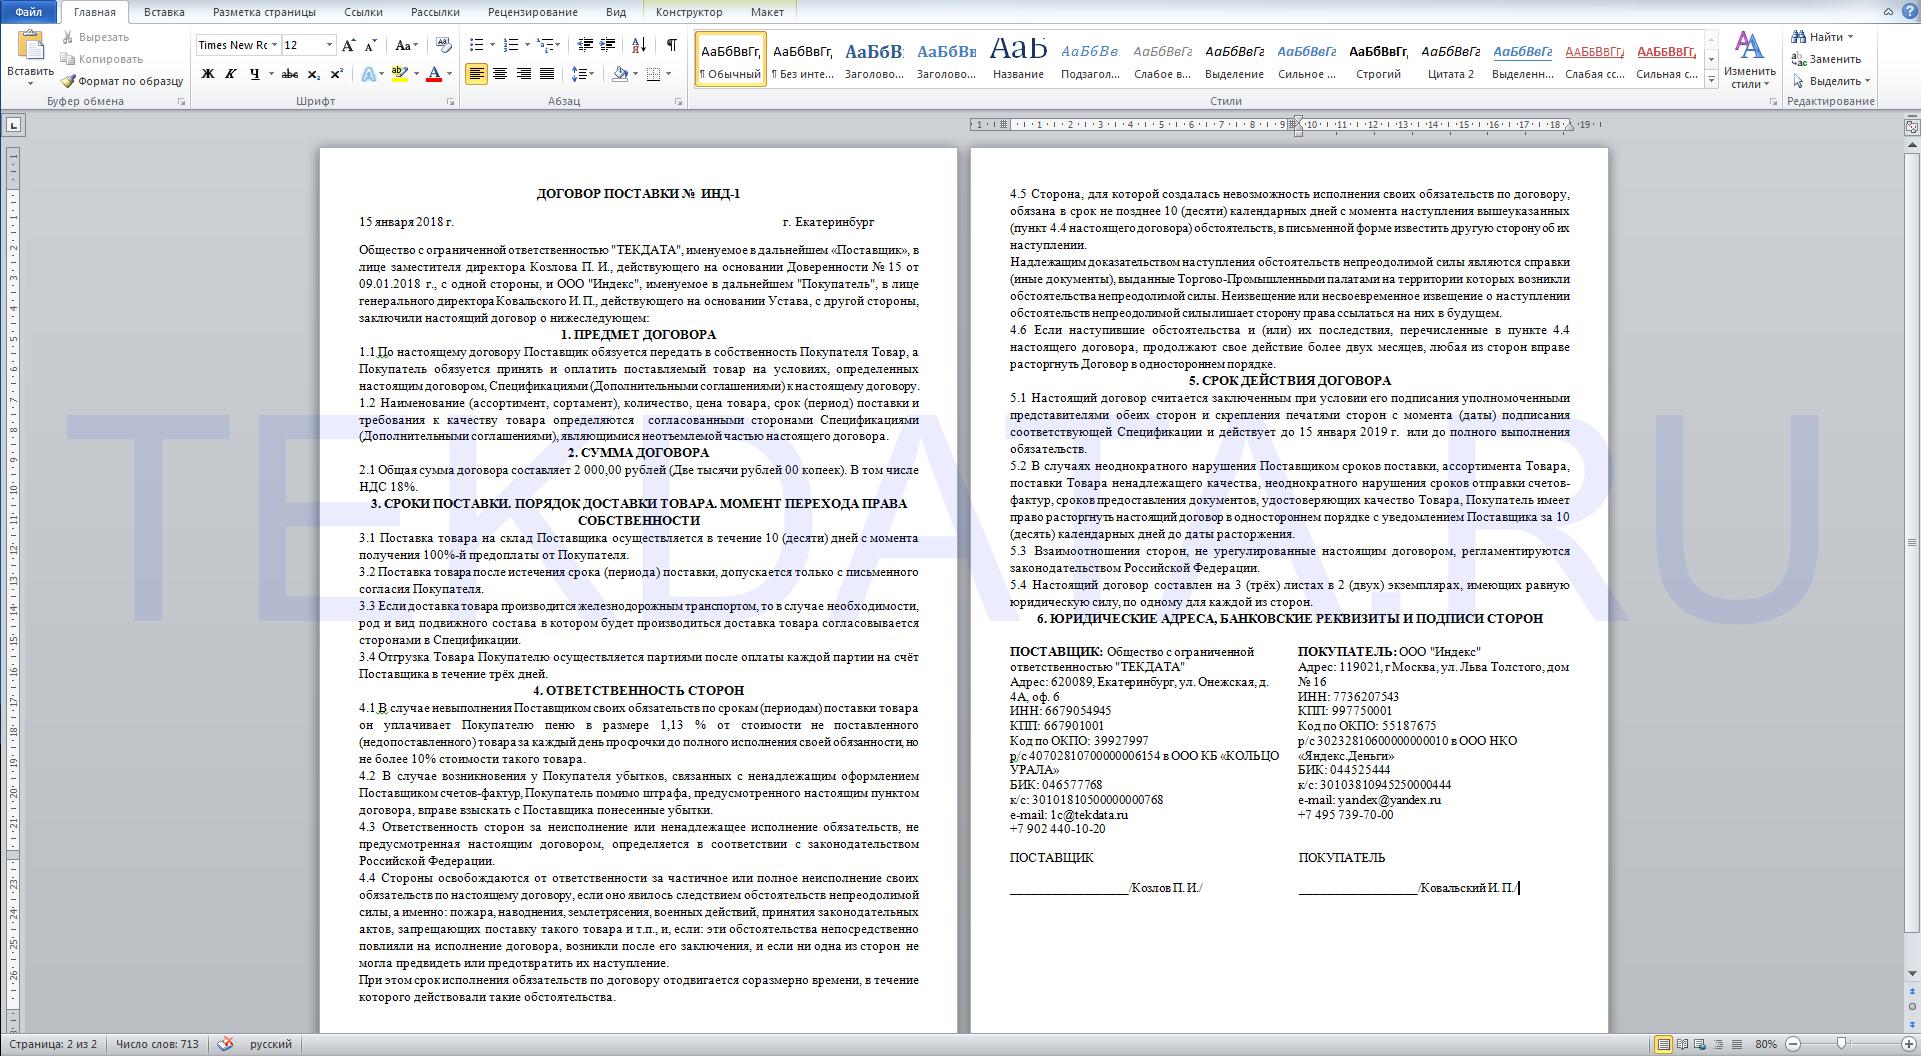 Универсальная печатная форма договора в формате Word с выводом доп. реквизитов для 1С:УТ 11.3